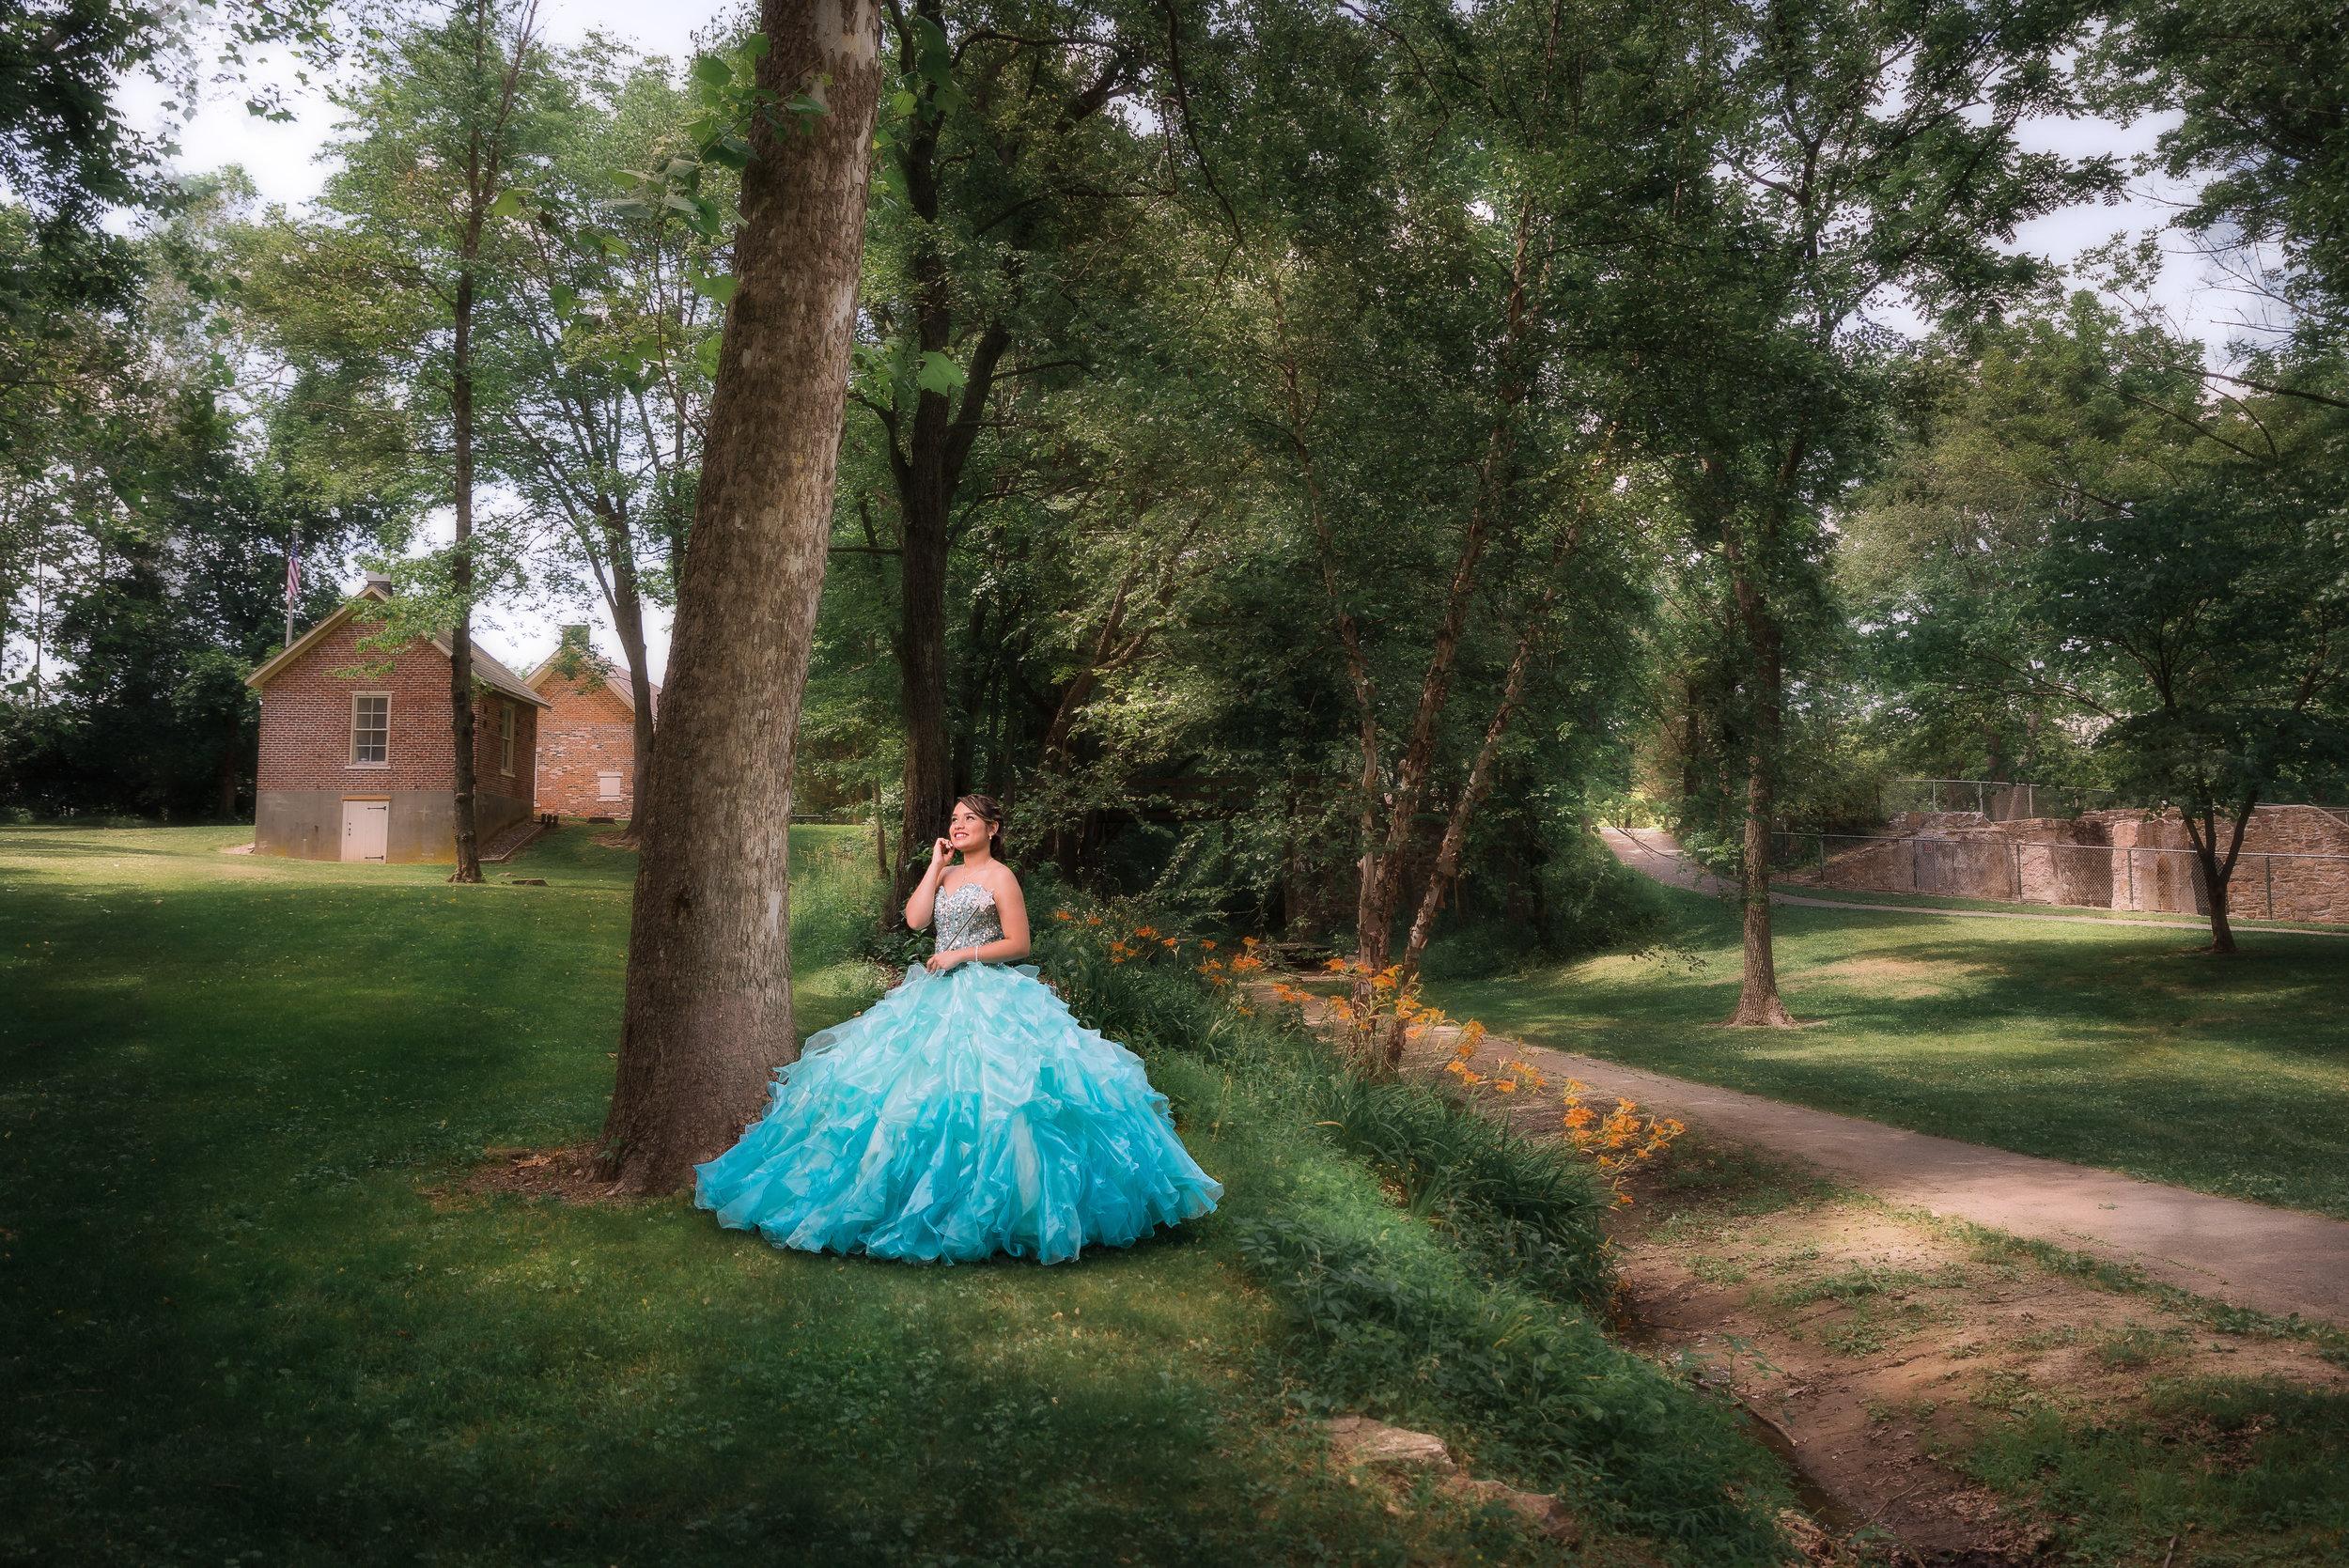 Garcia Photography se especializa en fotografía de quinceañeras en parque, paisajes, y locales hermosos en las ciudades de Reading, Lancaster, Allentown, Bethlehem y otros lugares en Pennsylvania, Nueva Jersey y Nueva York.